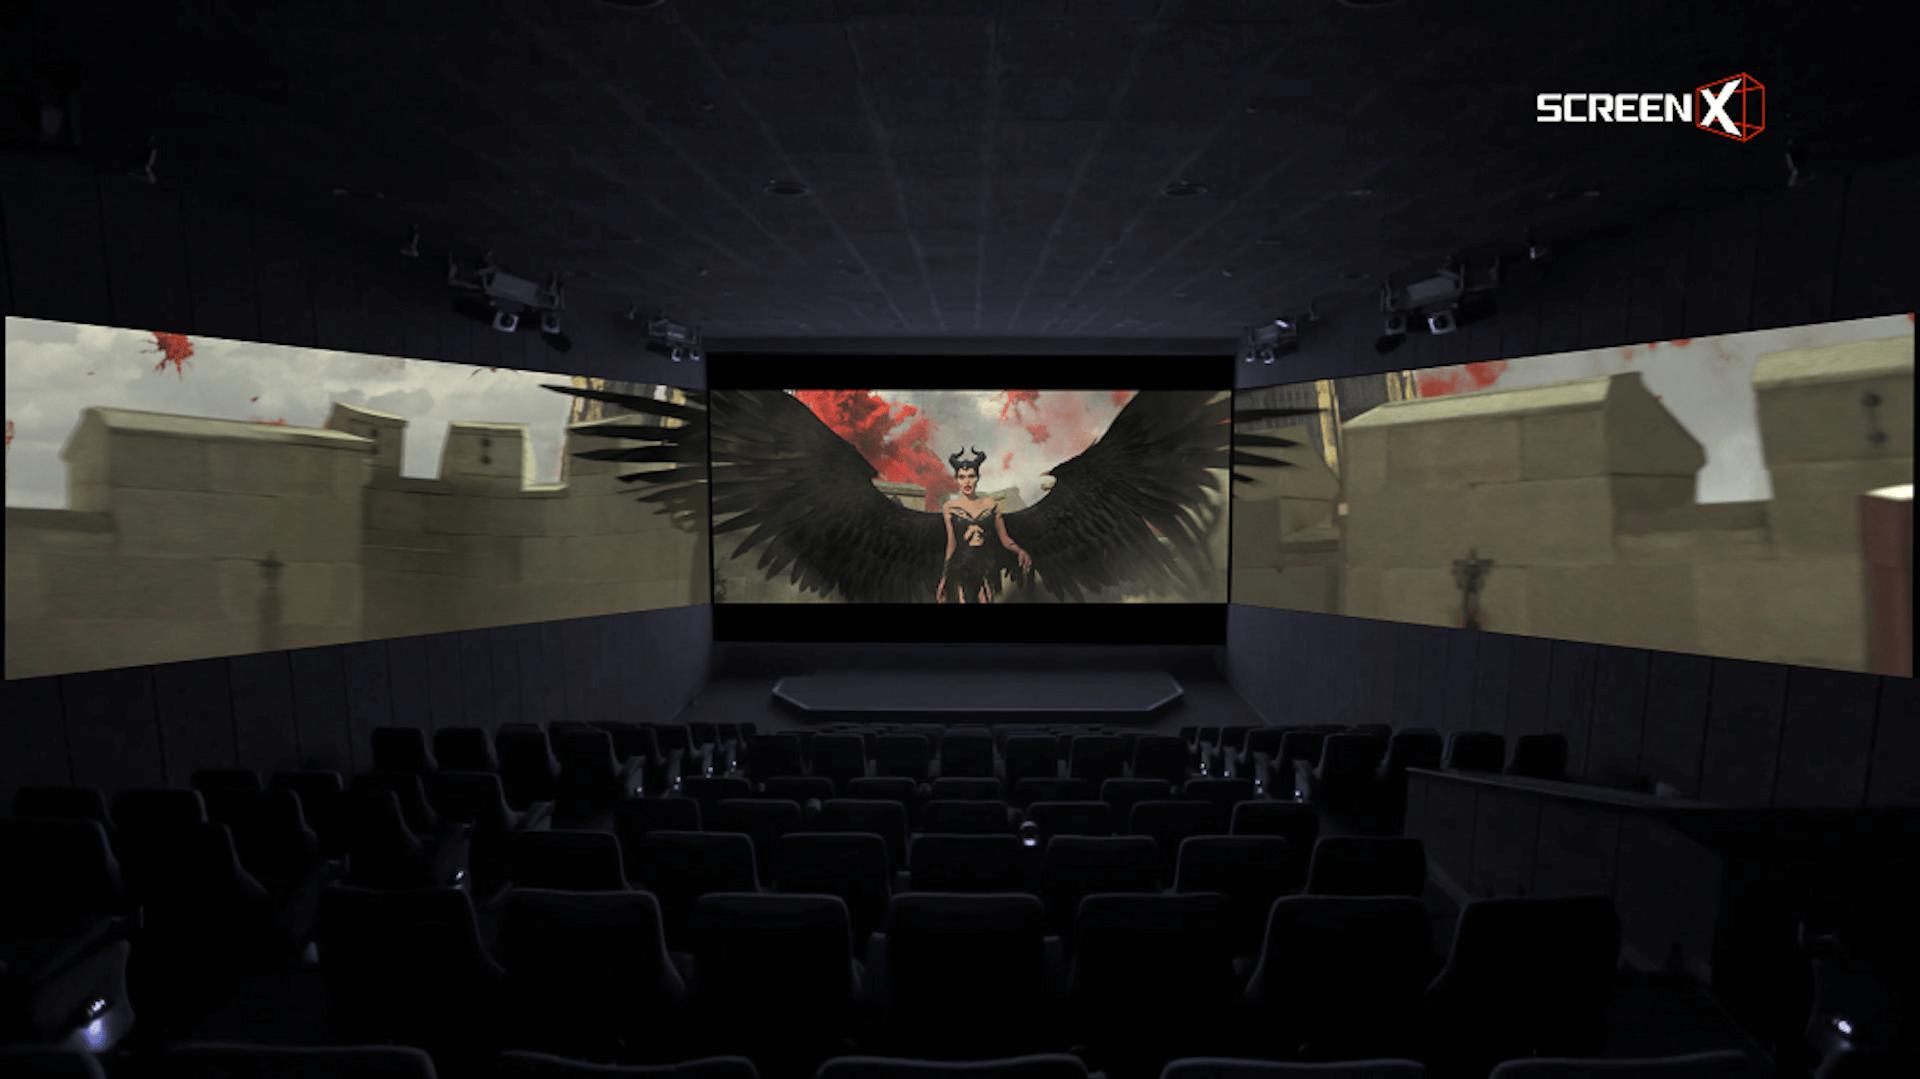 """新次元の上映システム""""ScreenX""""で、マレフィセントと大空へ!『マレフィセント2』公開に先駆け、ScreenX版・特別映像が到着 film191015_-Maleficent2_04"""